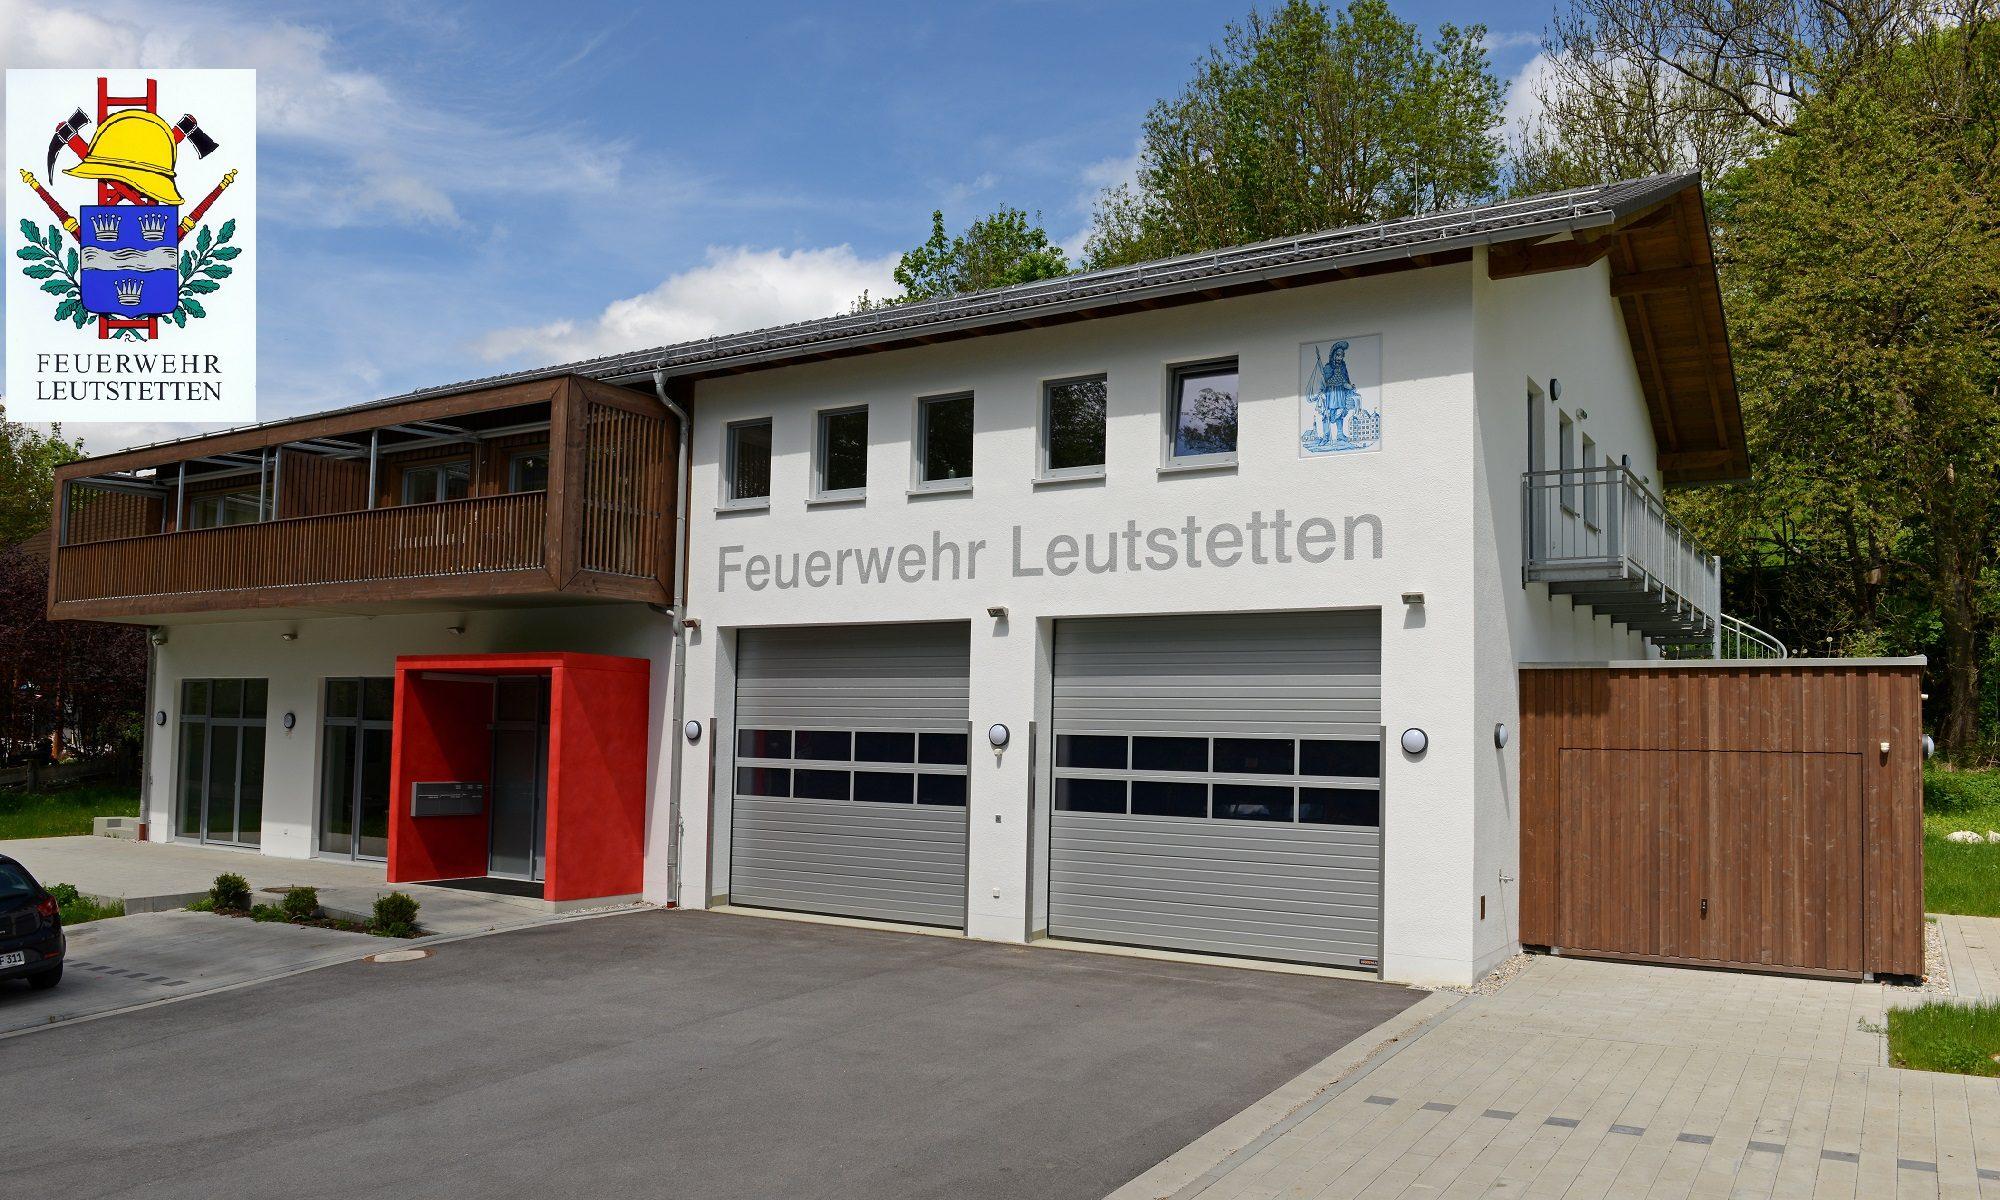 Freiwillige Feuerwehr Leutstetten